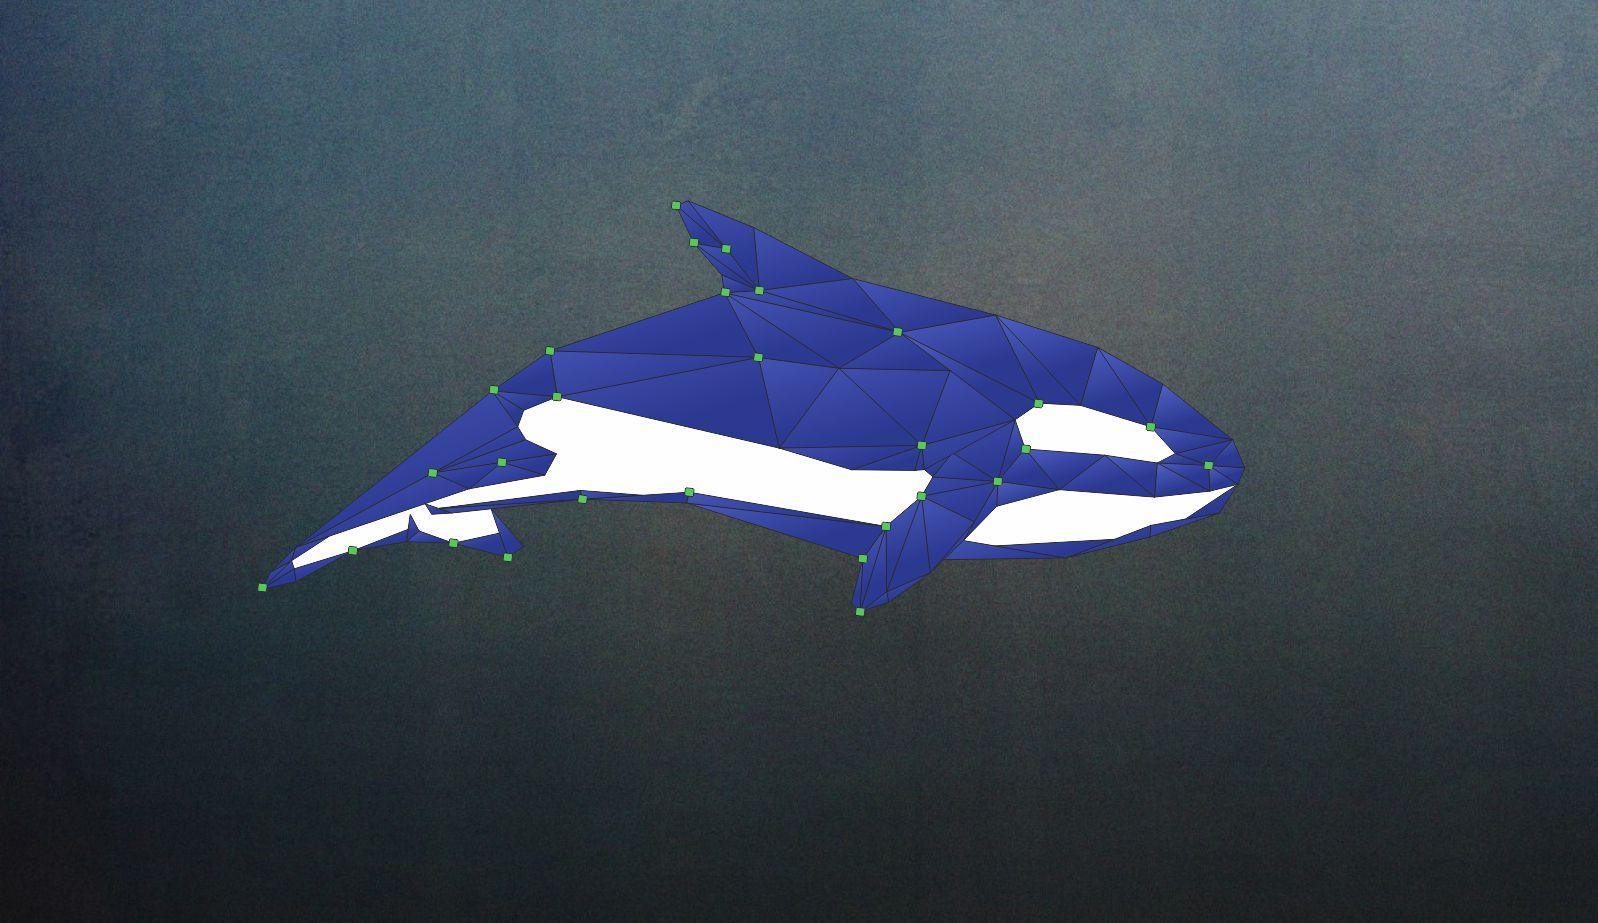 Разработка фирменного символа компании - касатки, НЕ ЛОГОТИП фото f_4505b0091d739be3.jpg